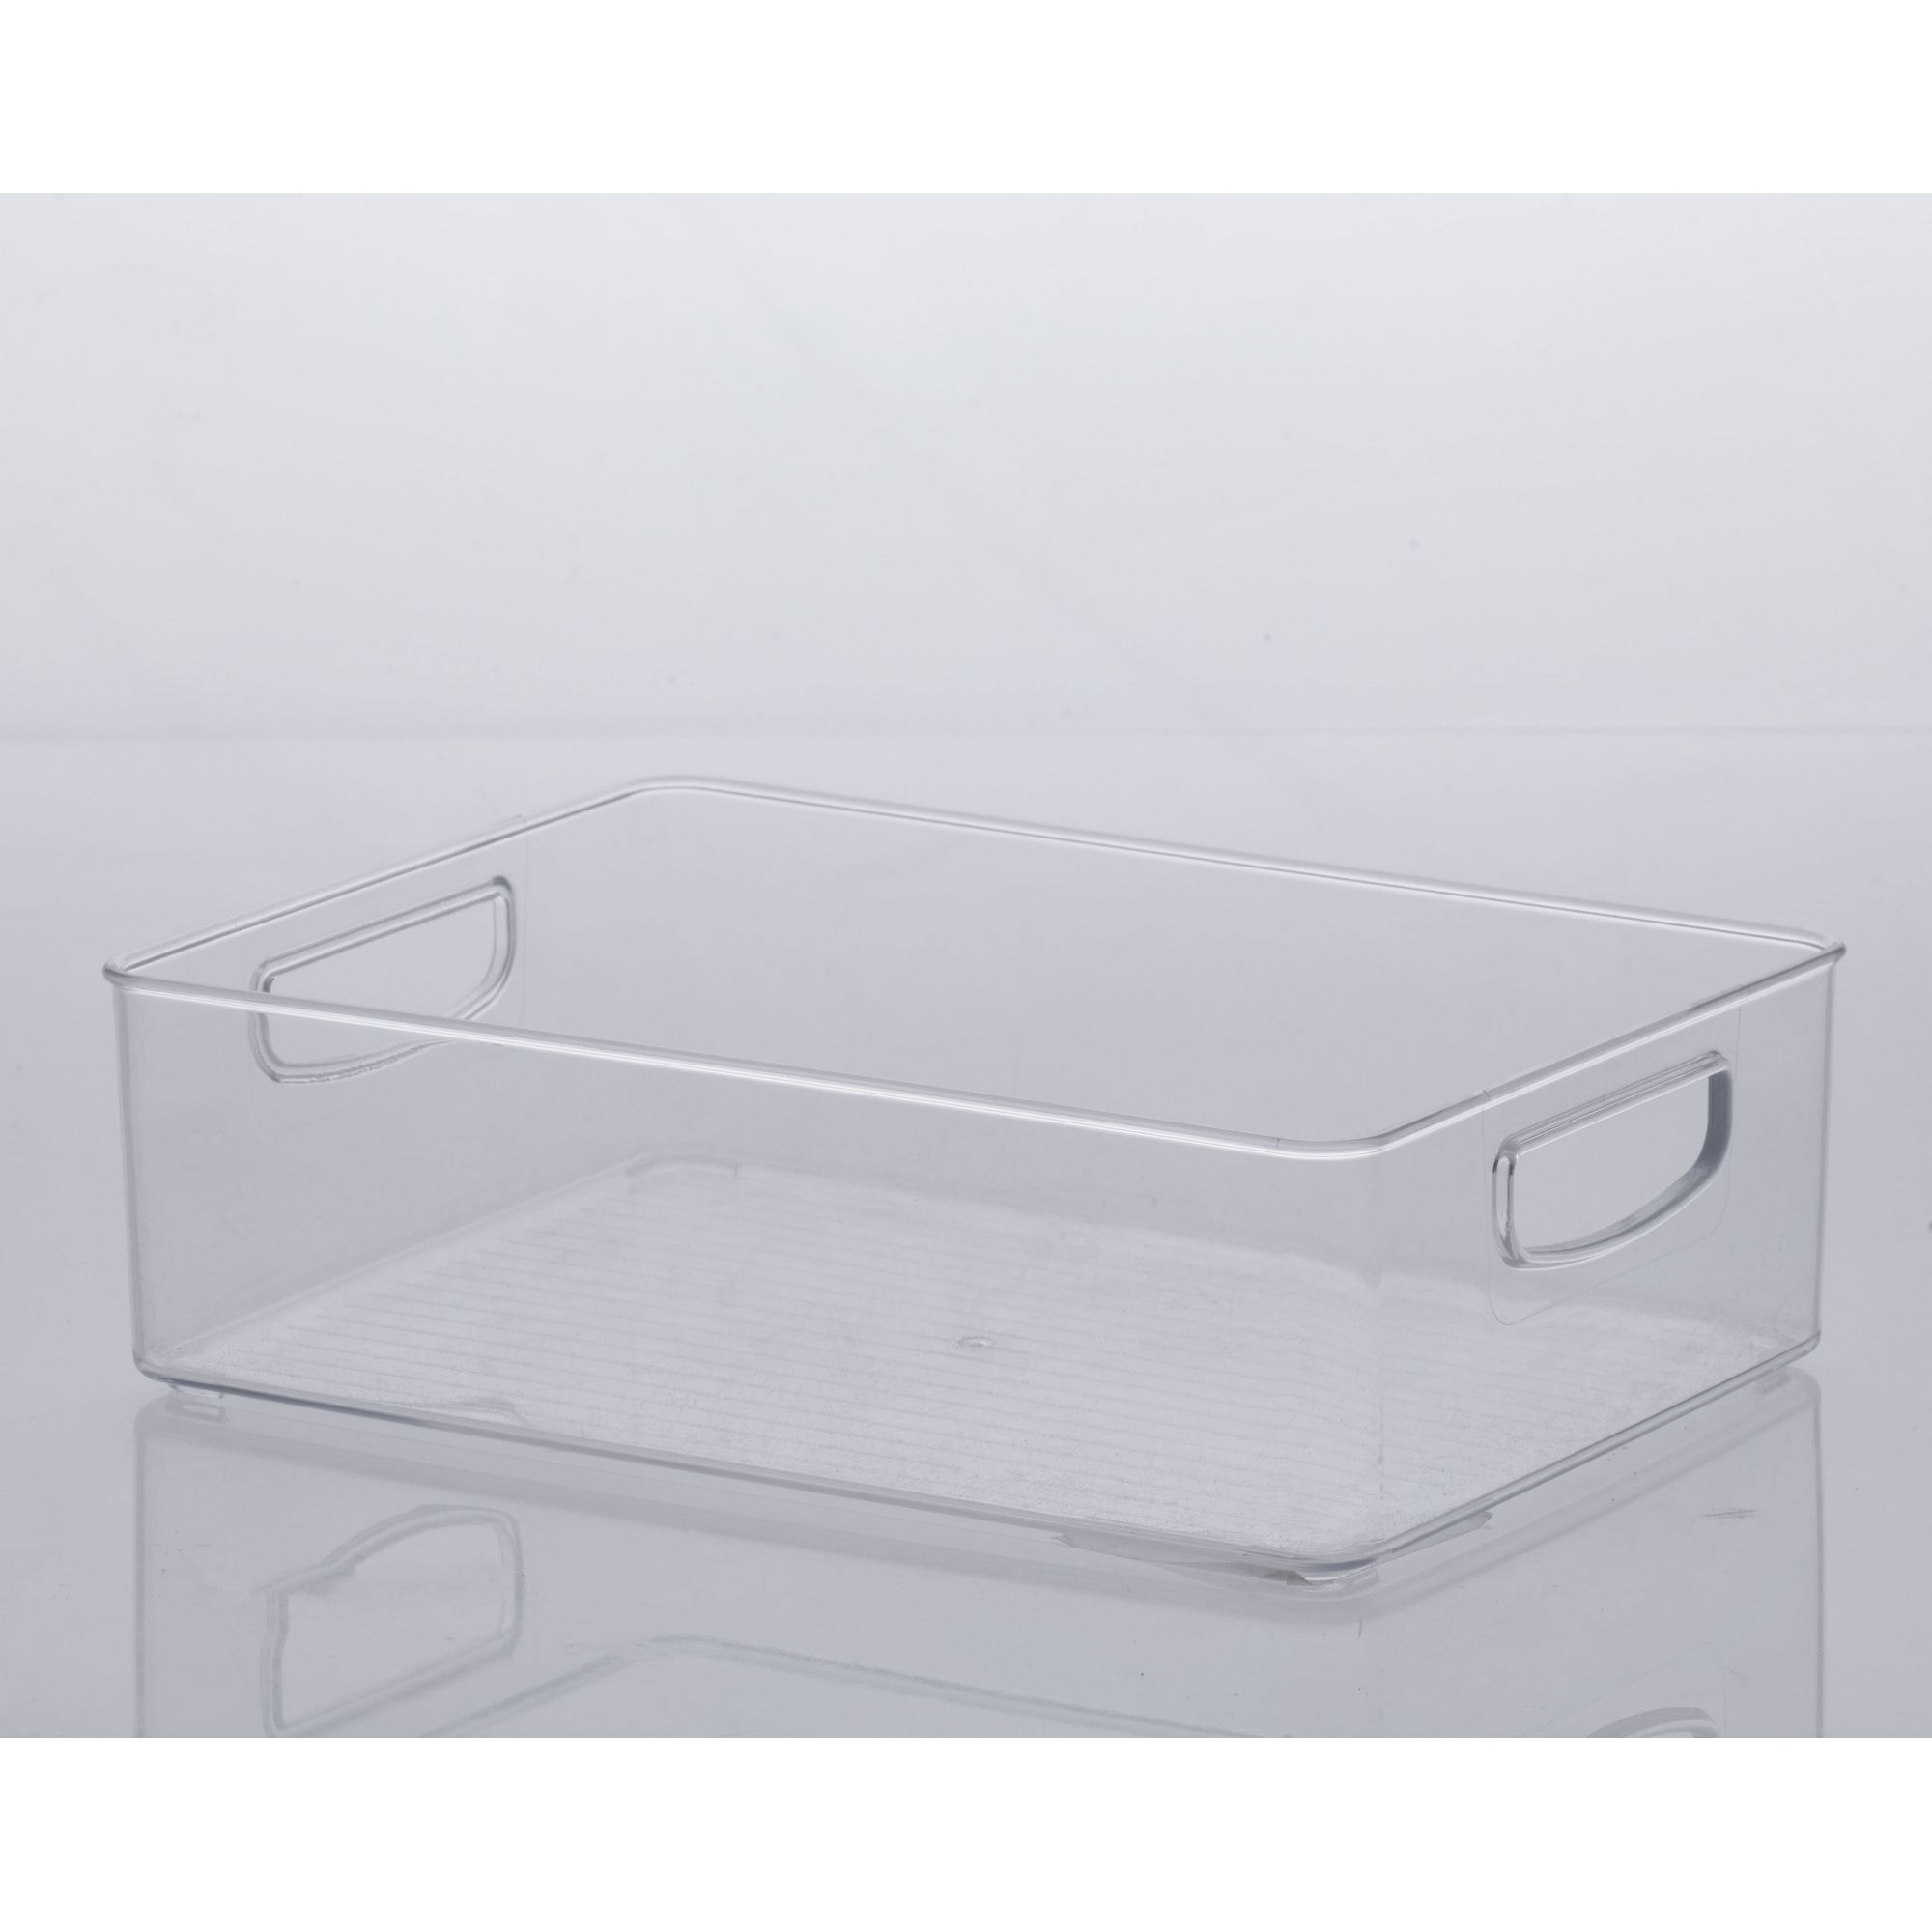 Organizador Diamond Cristal 31x22x9 Cm